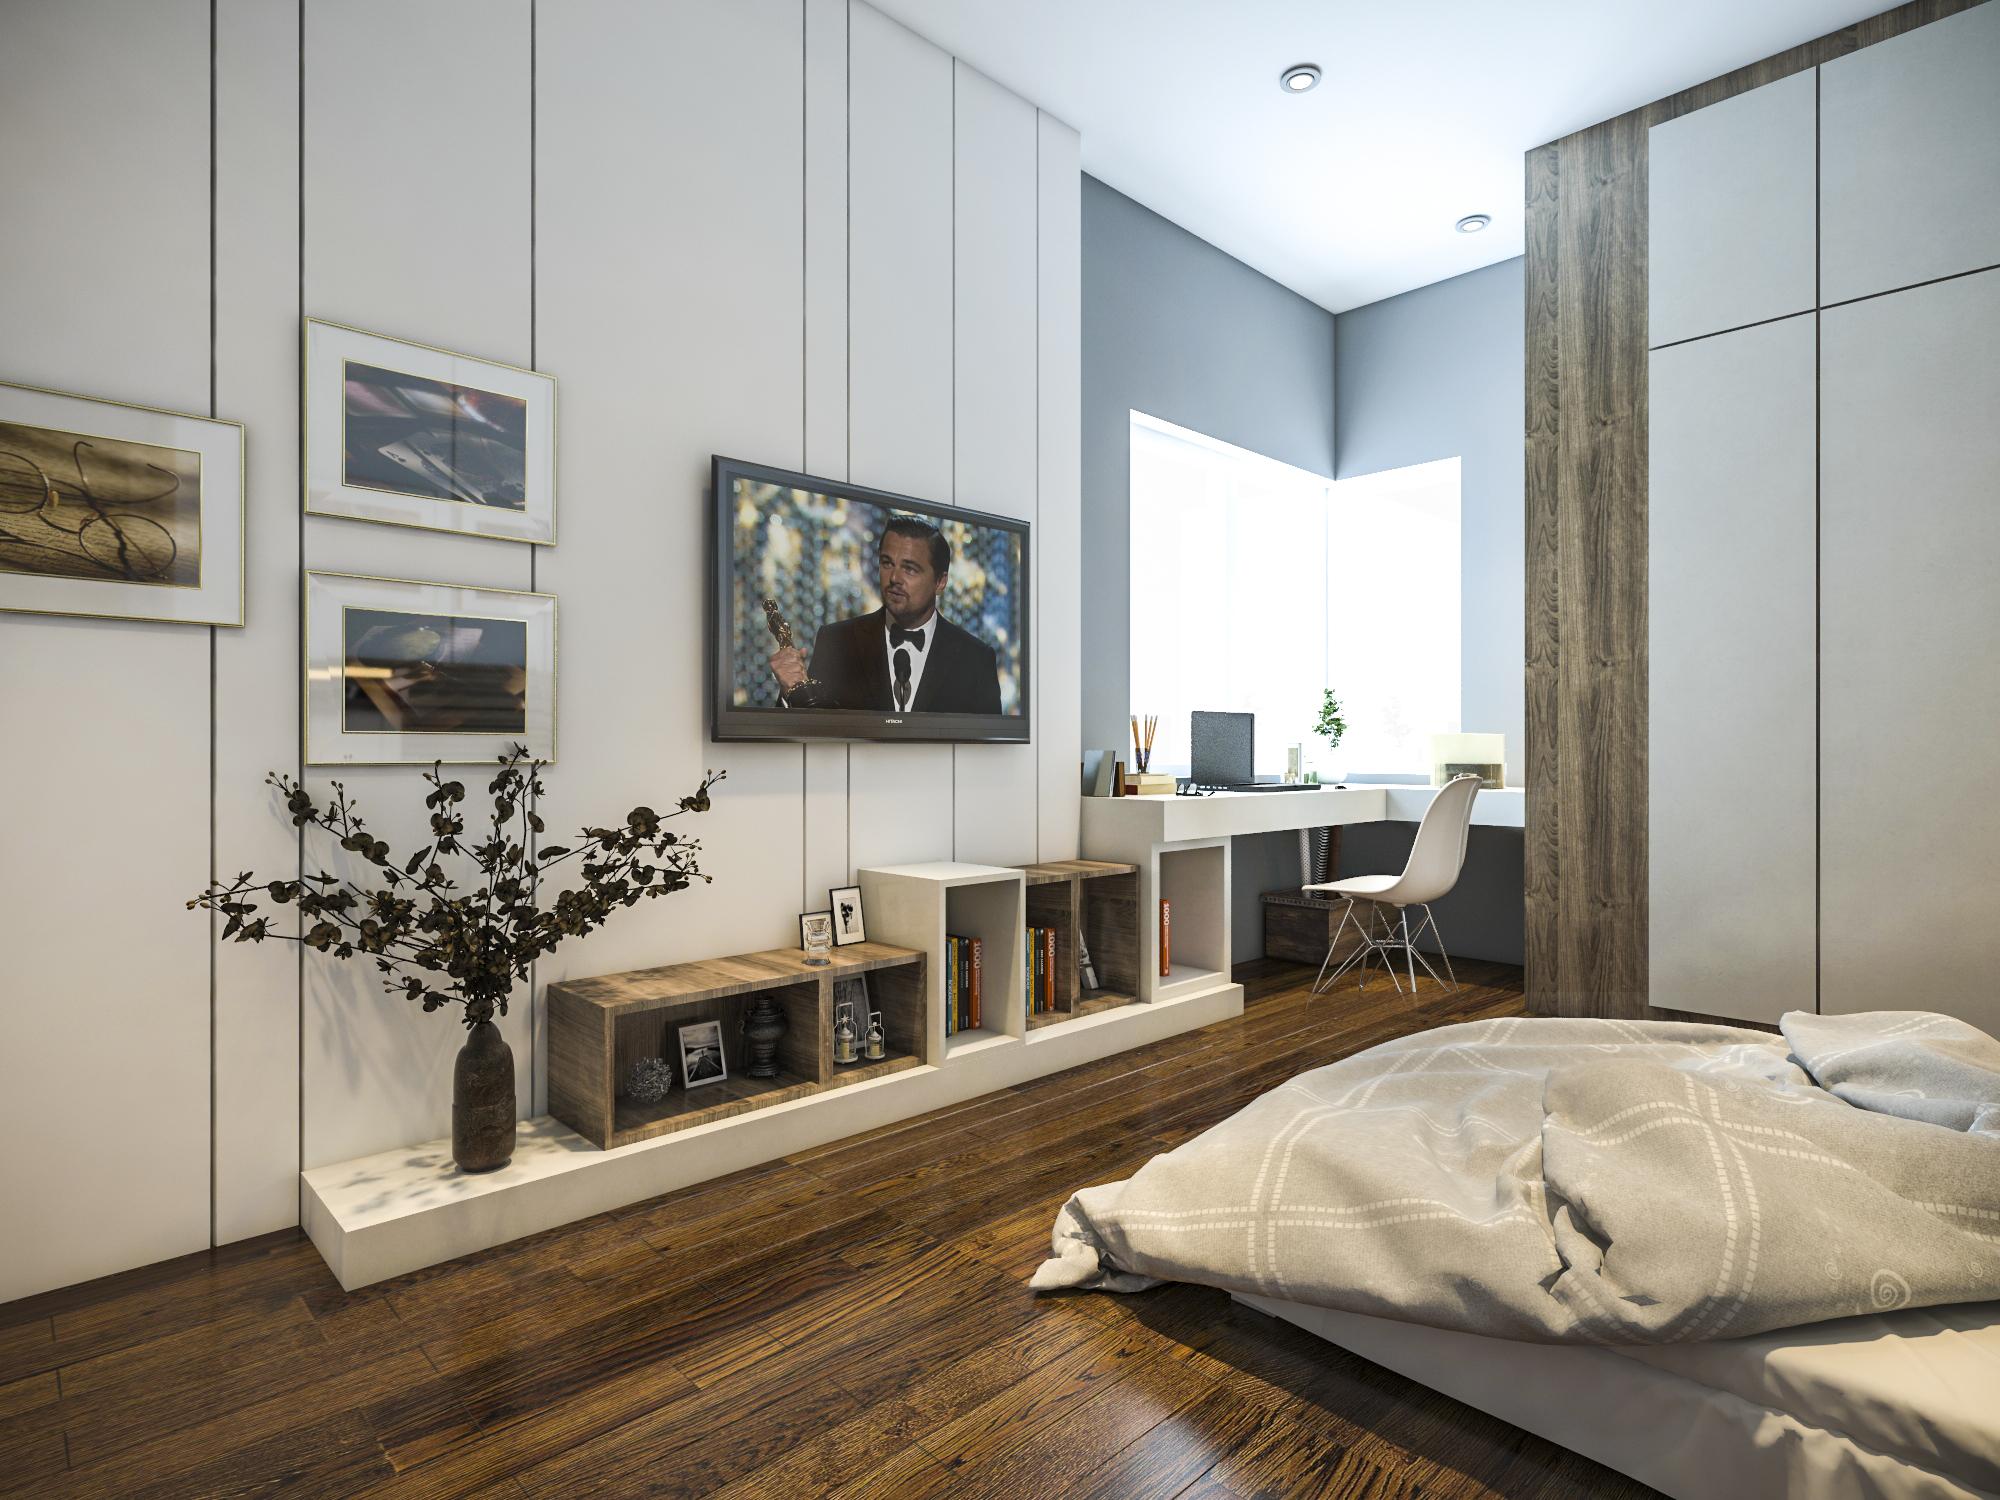 thiết kế nội thất chung cư tại Hồ Chí Minh Ms. Ly Apartment 14 1562574643